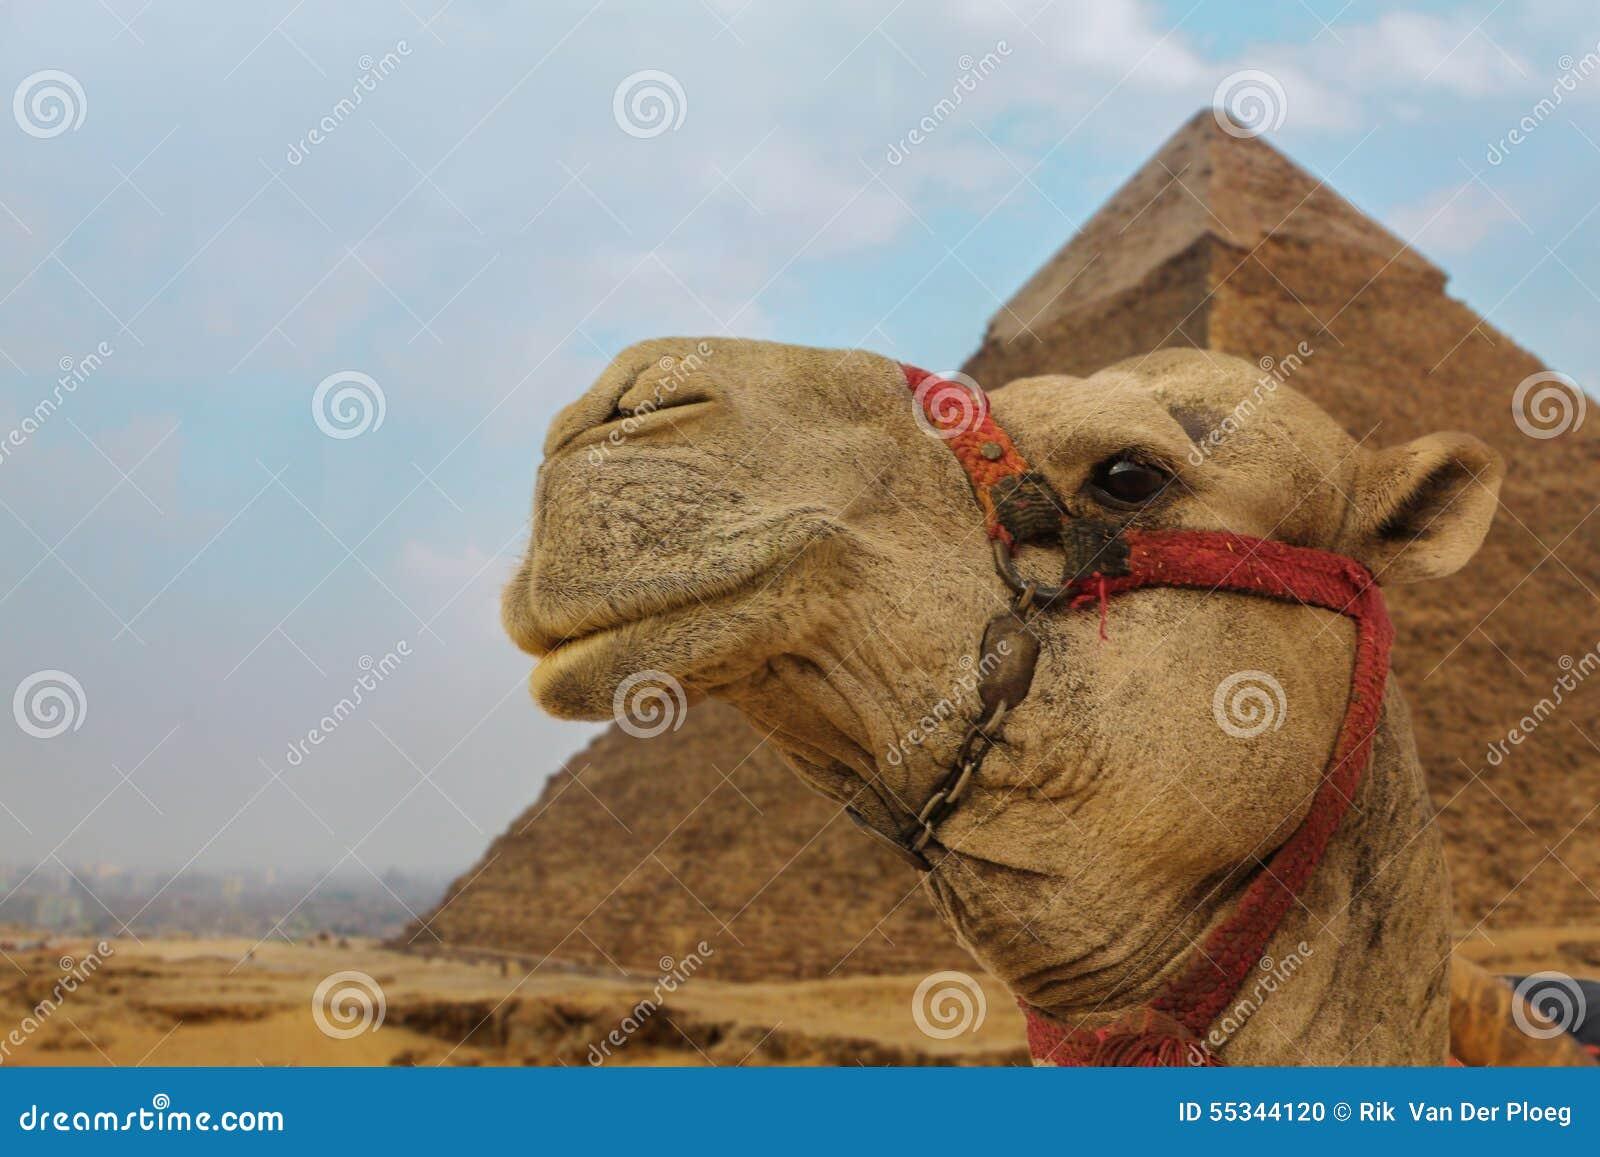 Верблюд около пирамид gazing с улыбкой